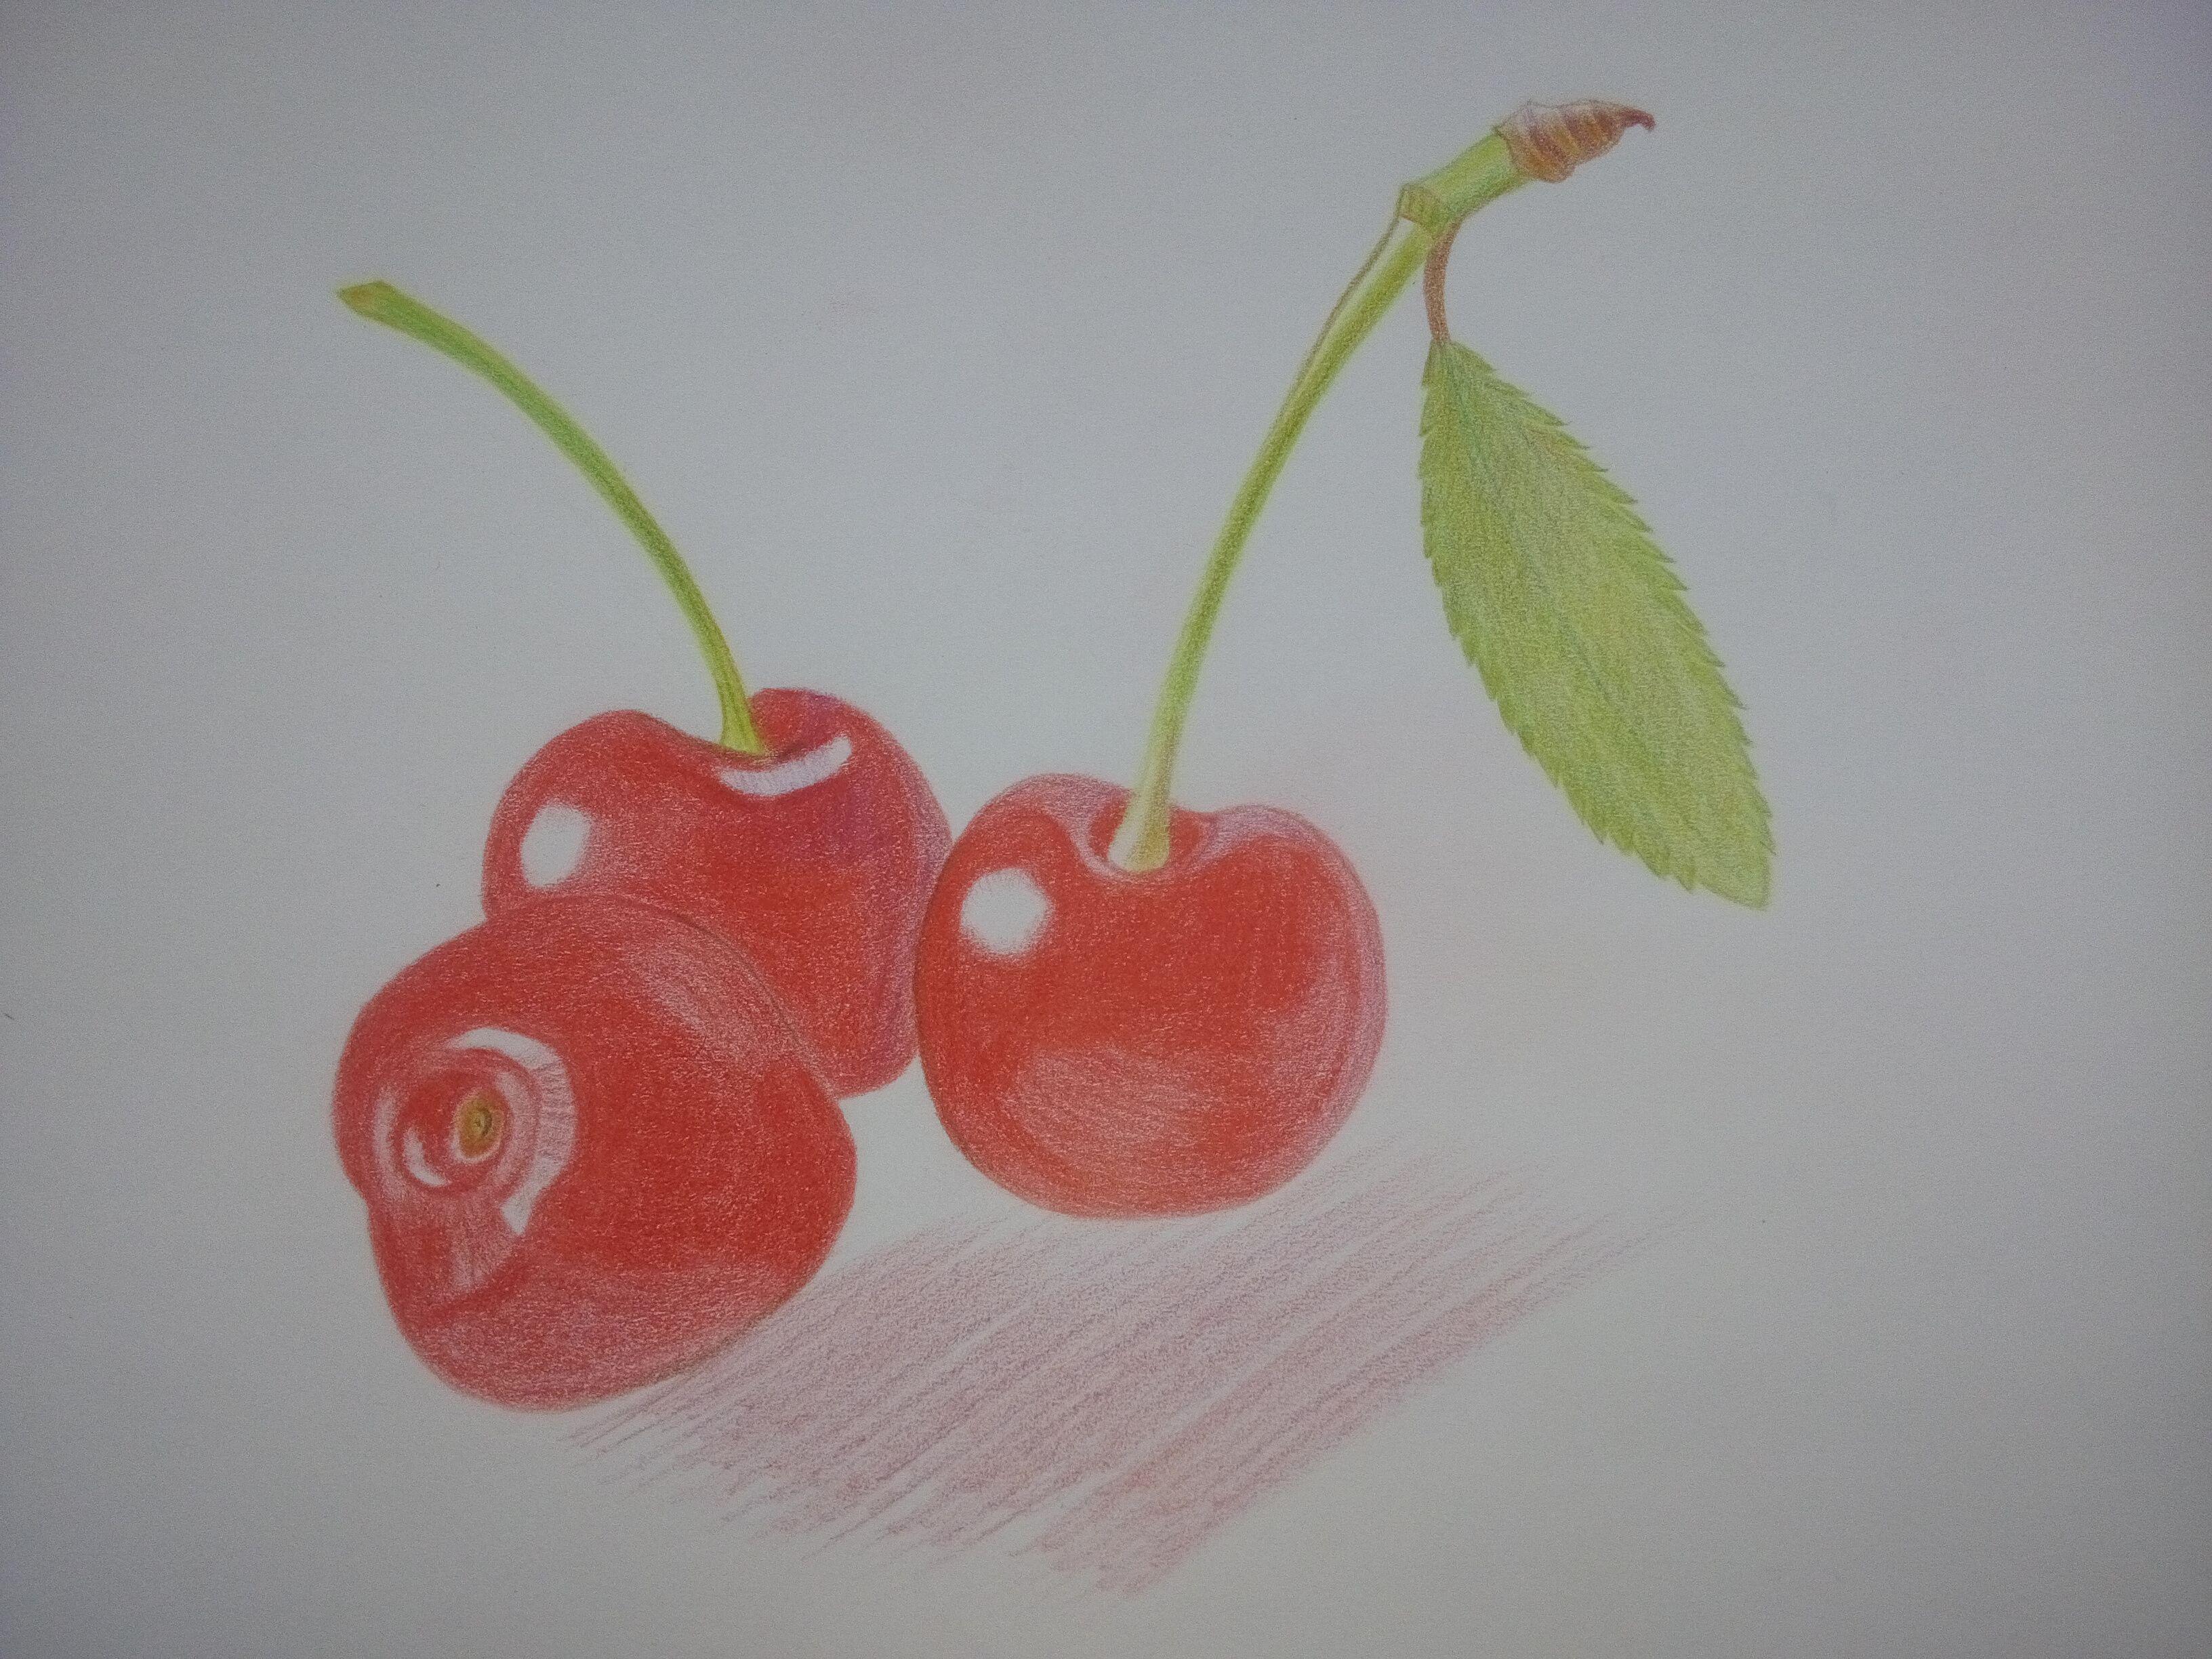 彩铅临摹 樱桃